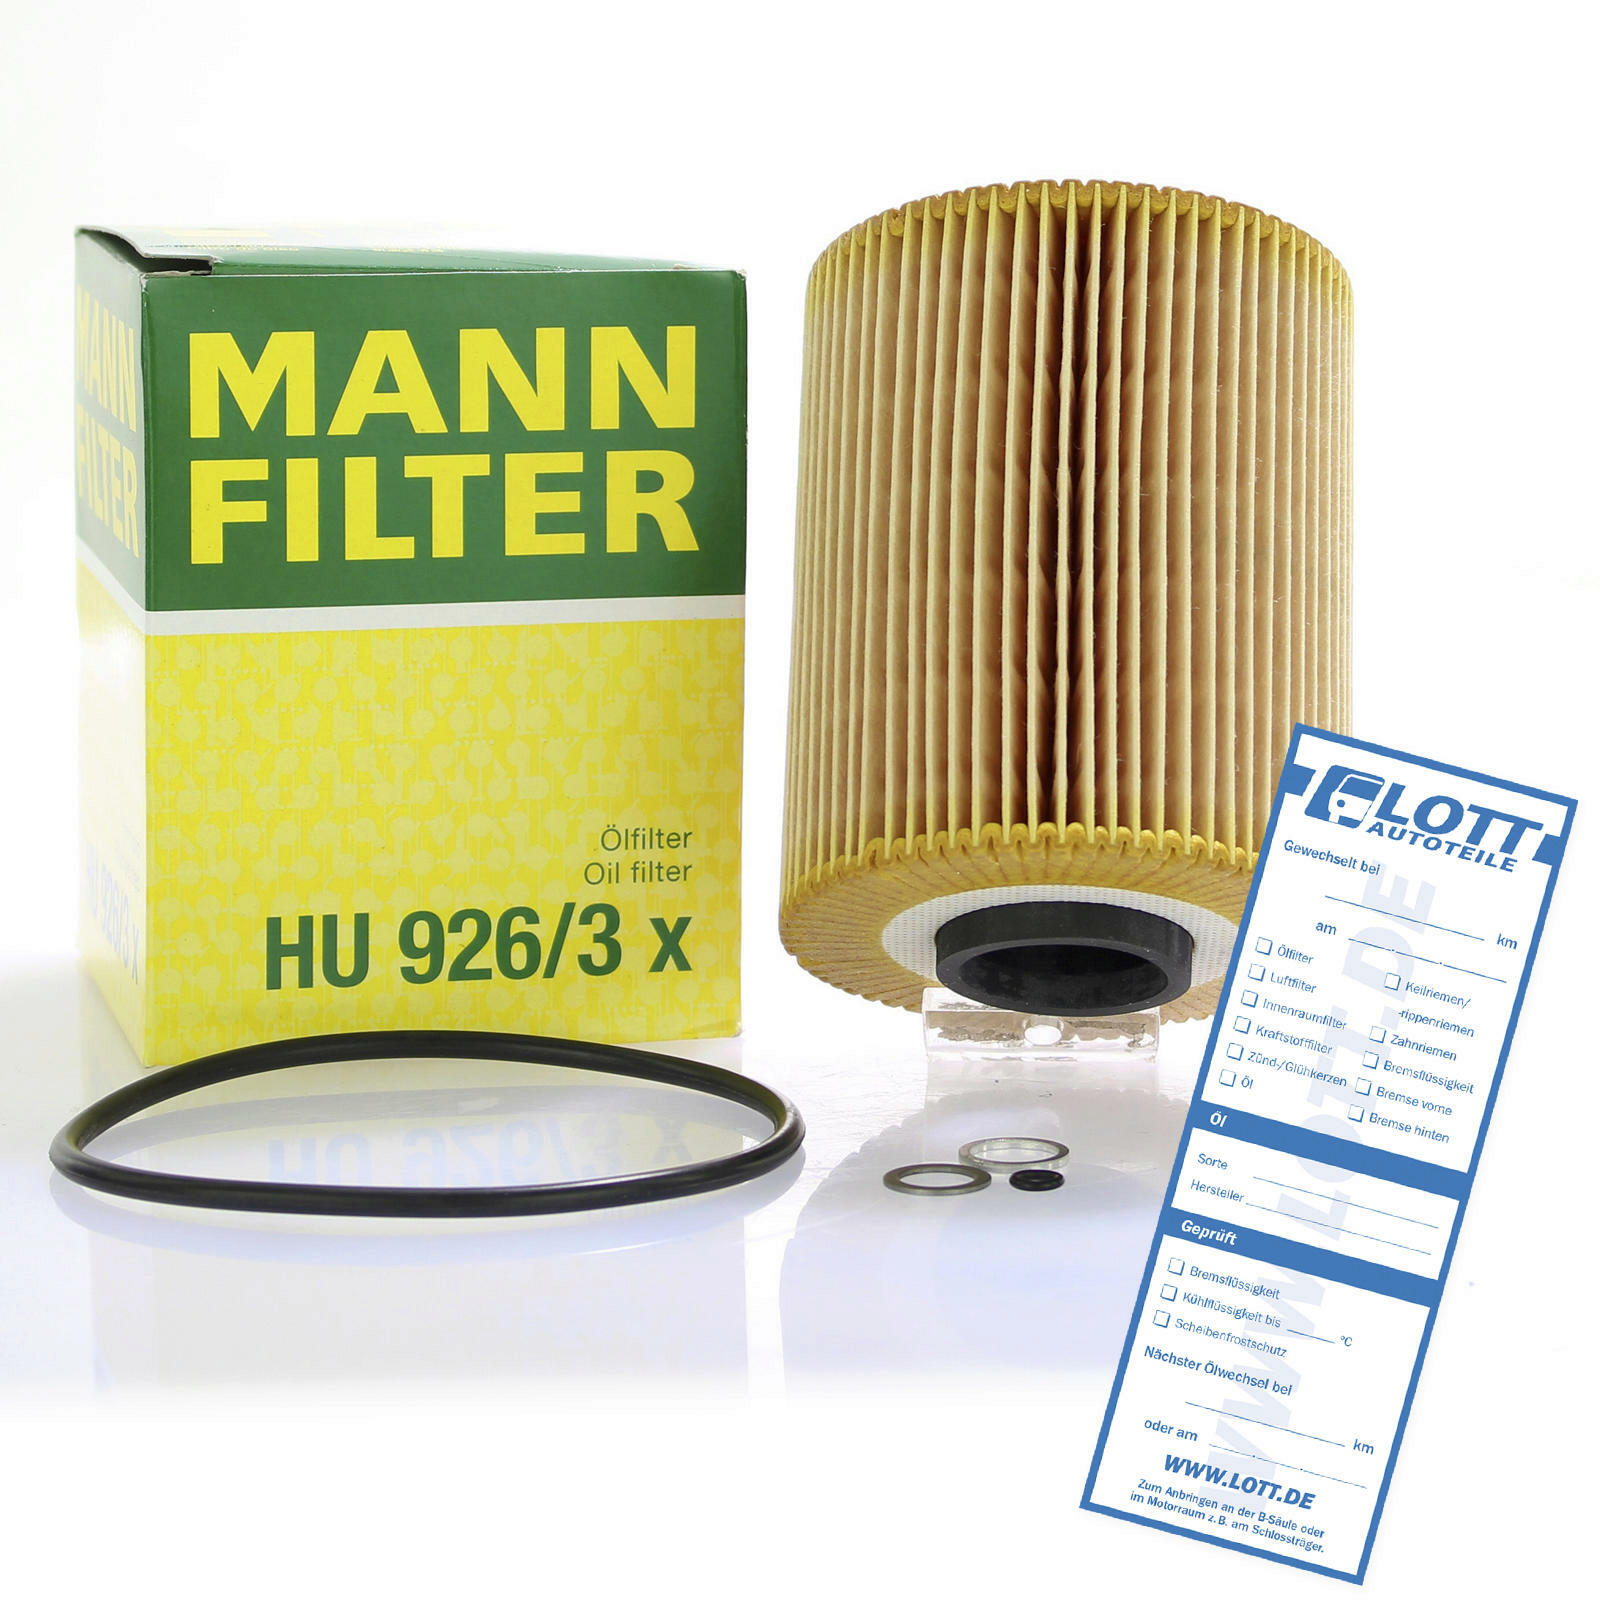 MANN-FILTER Ölfilter evotop